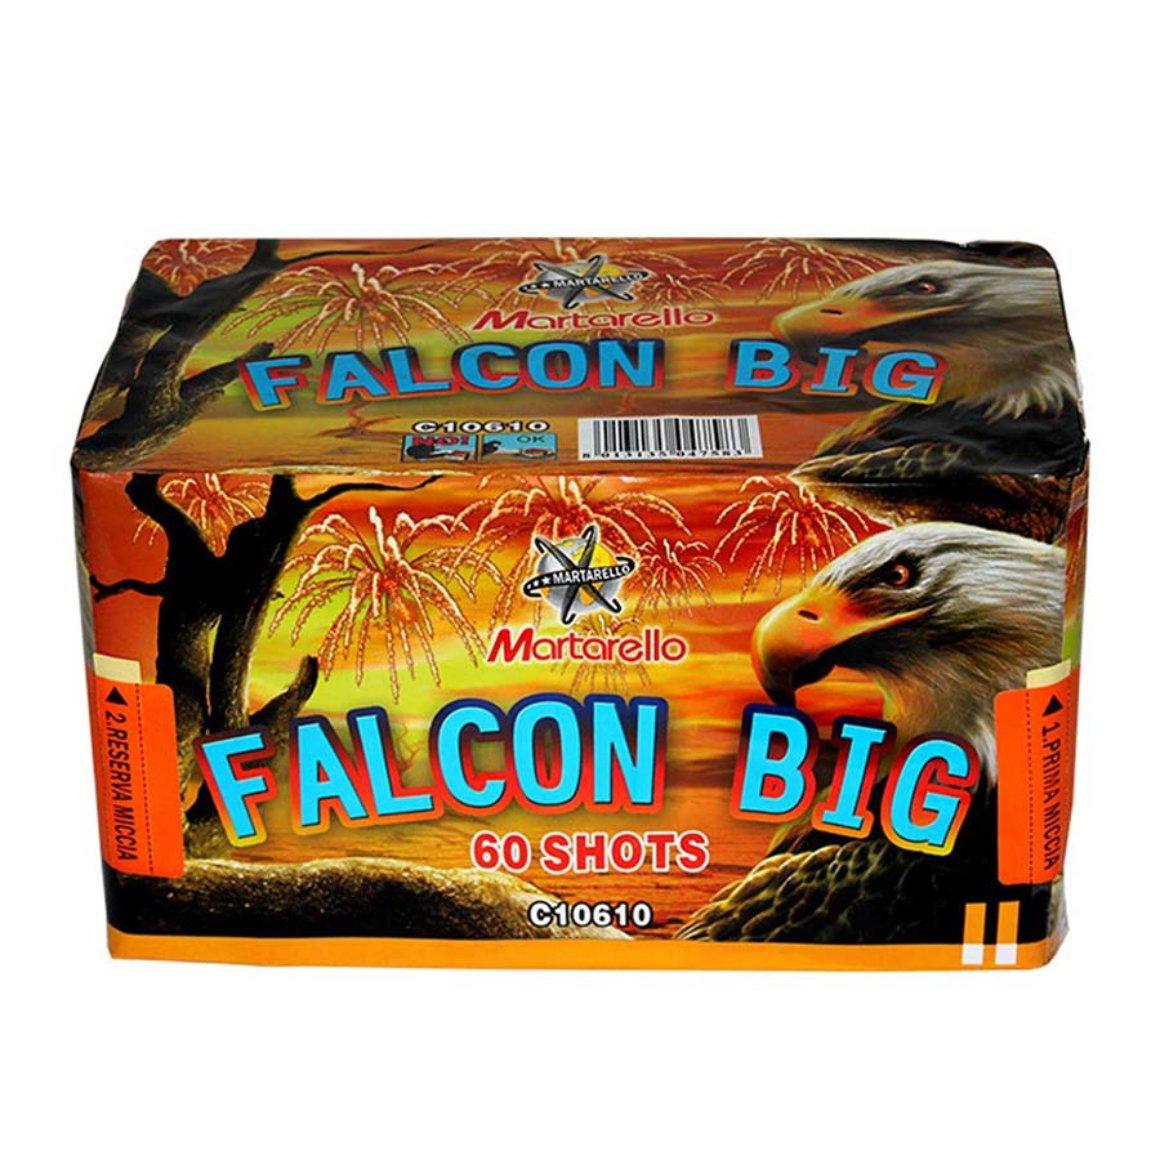 Falcon Big C10610